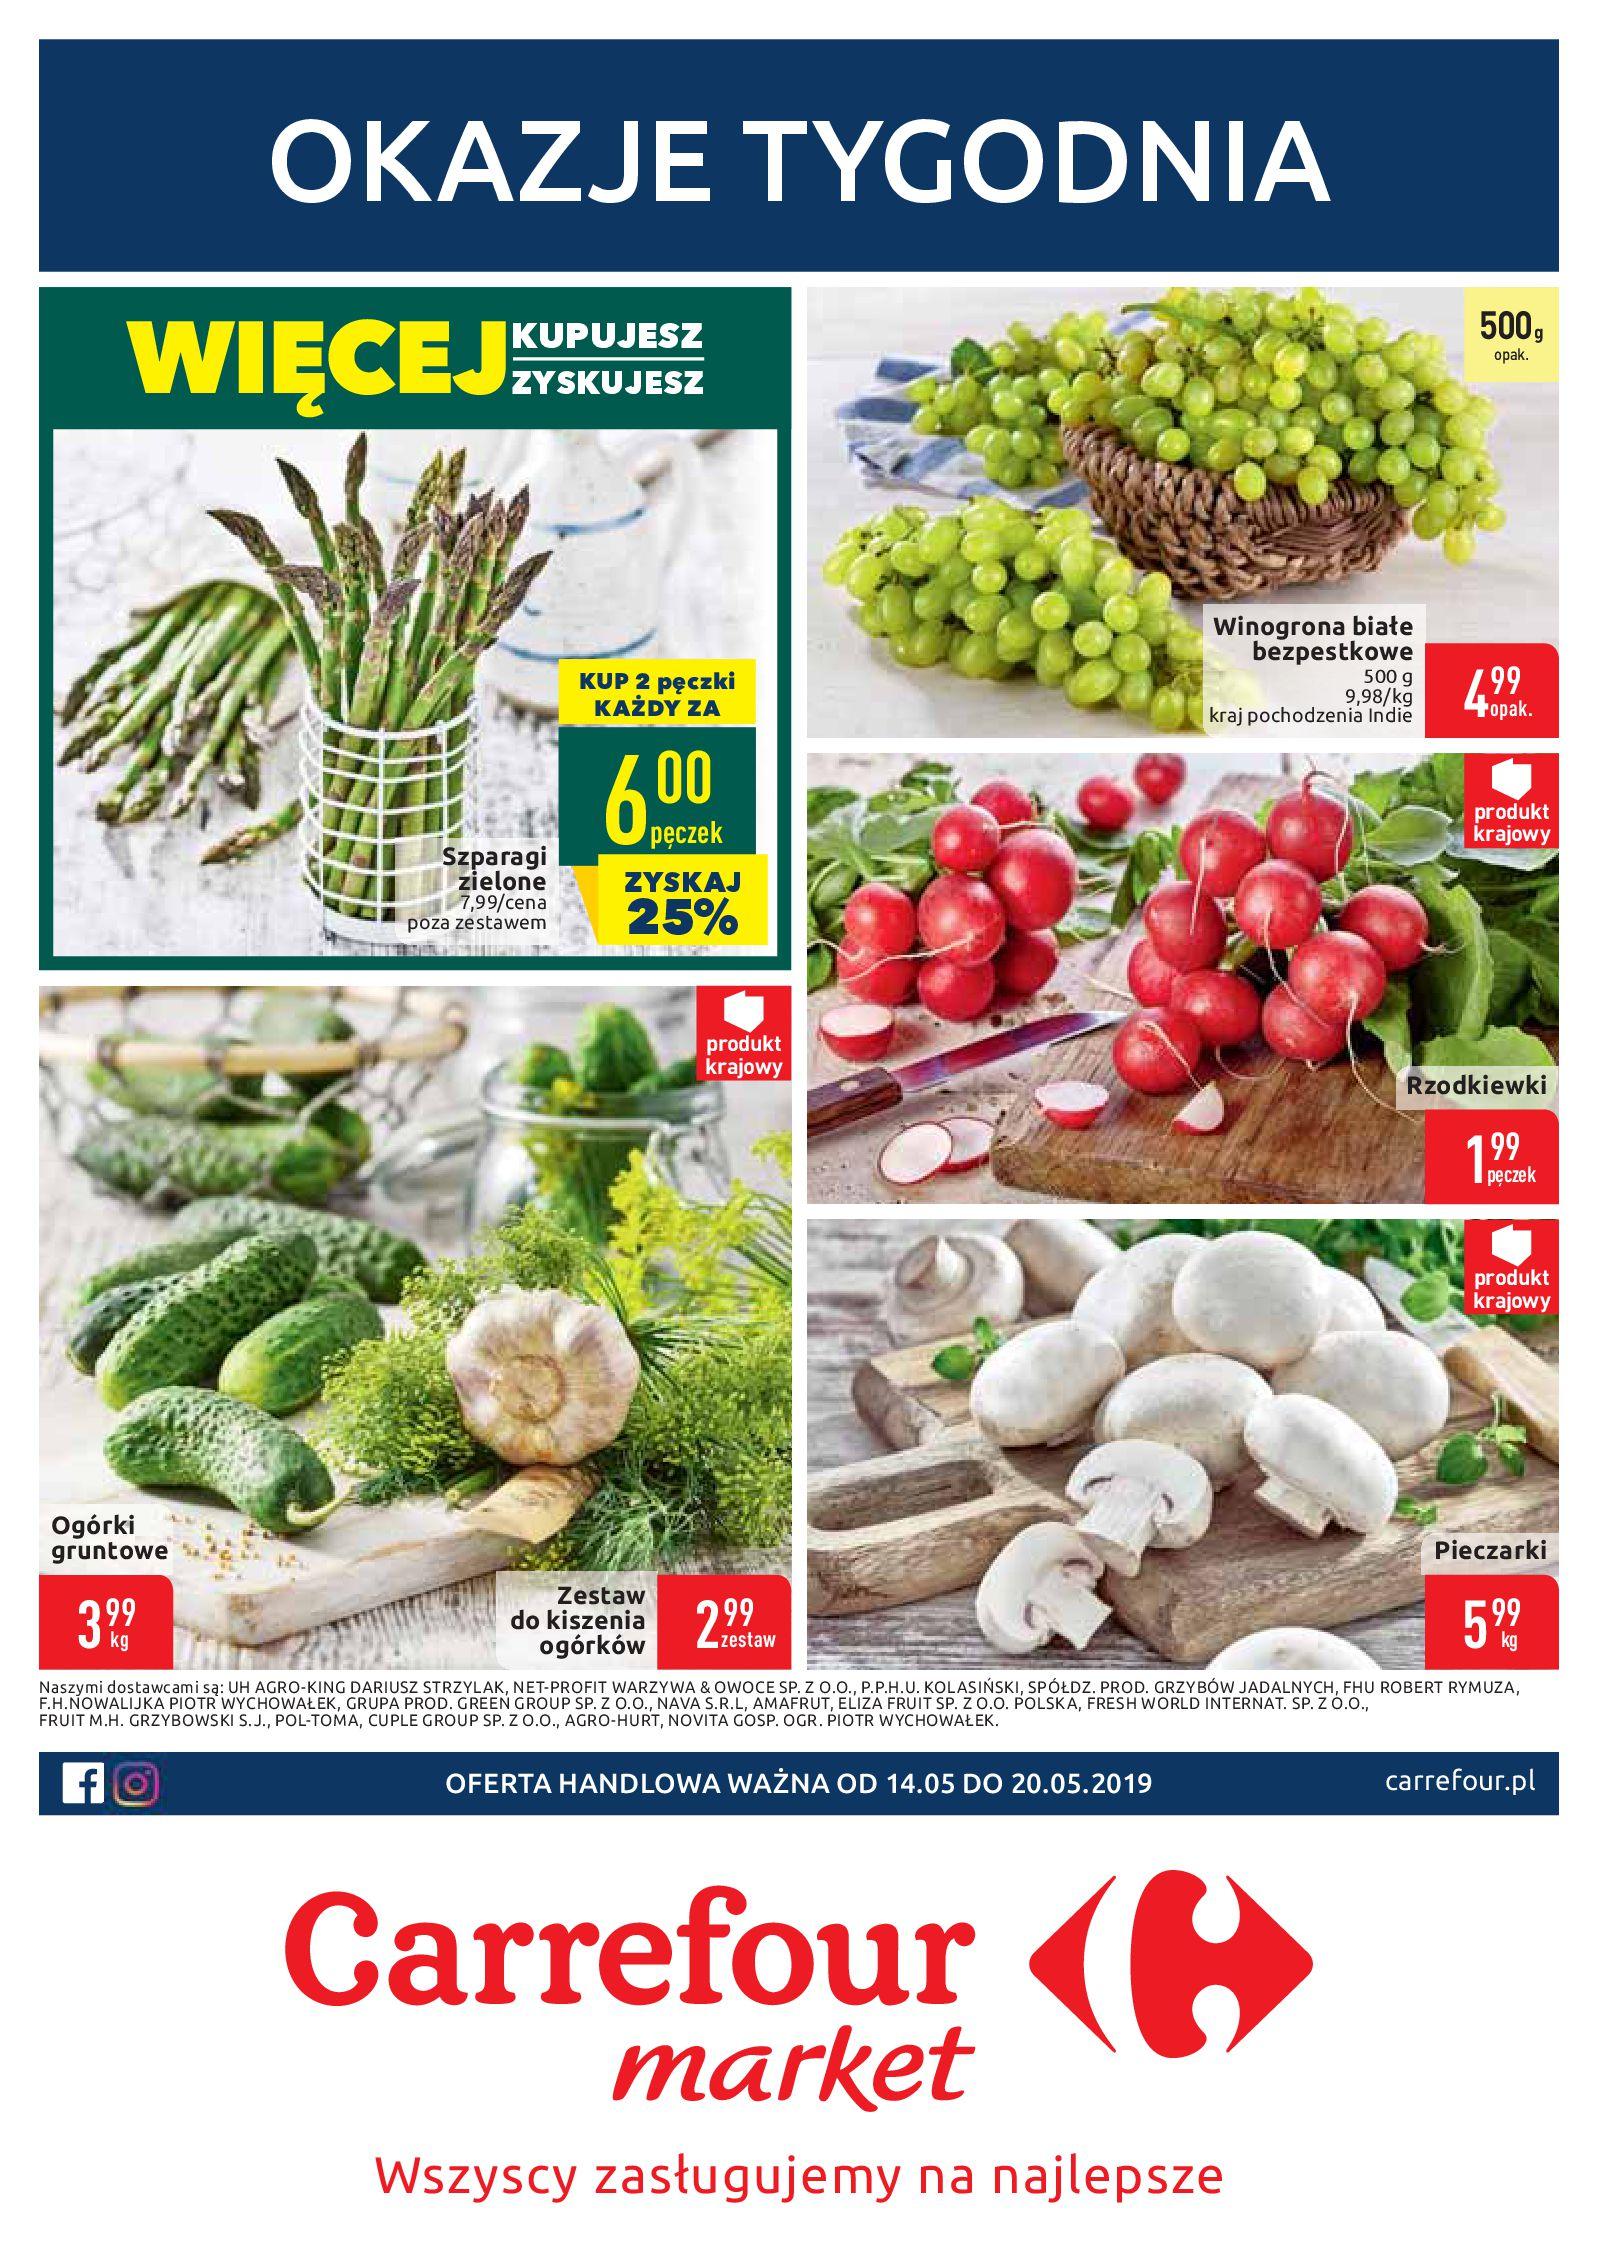 Gazetka Carrefour Market - Okazje tygodnia-13.05.2019-20.05.2019-page-